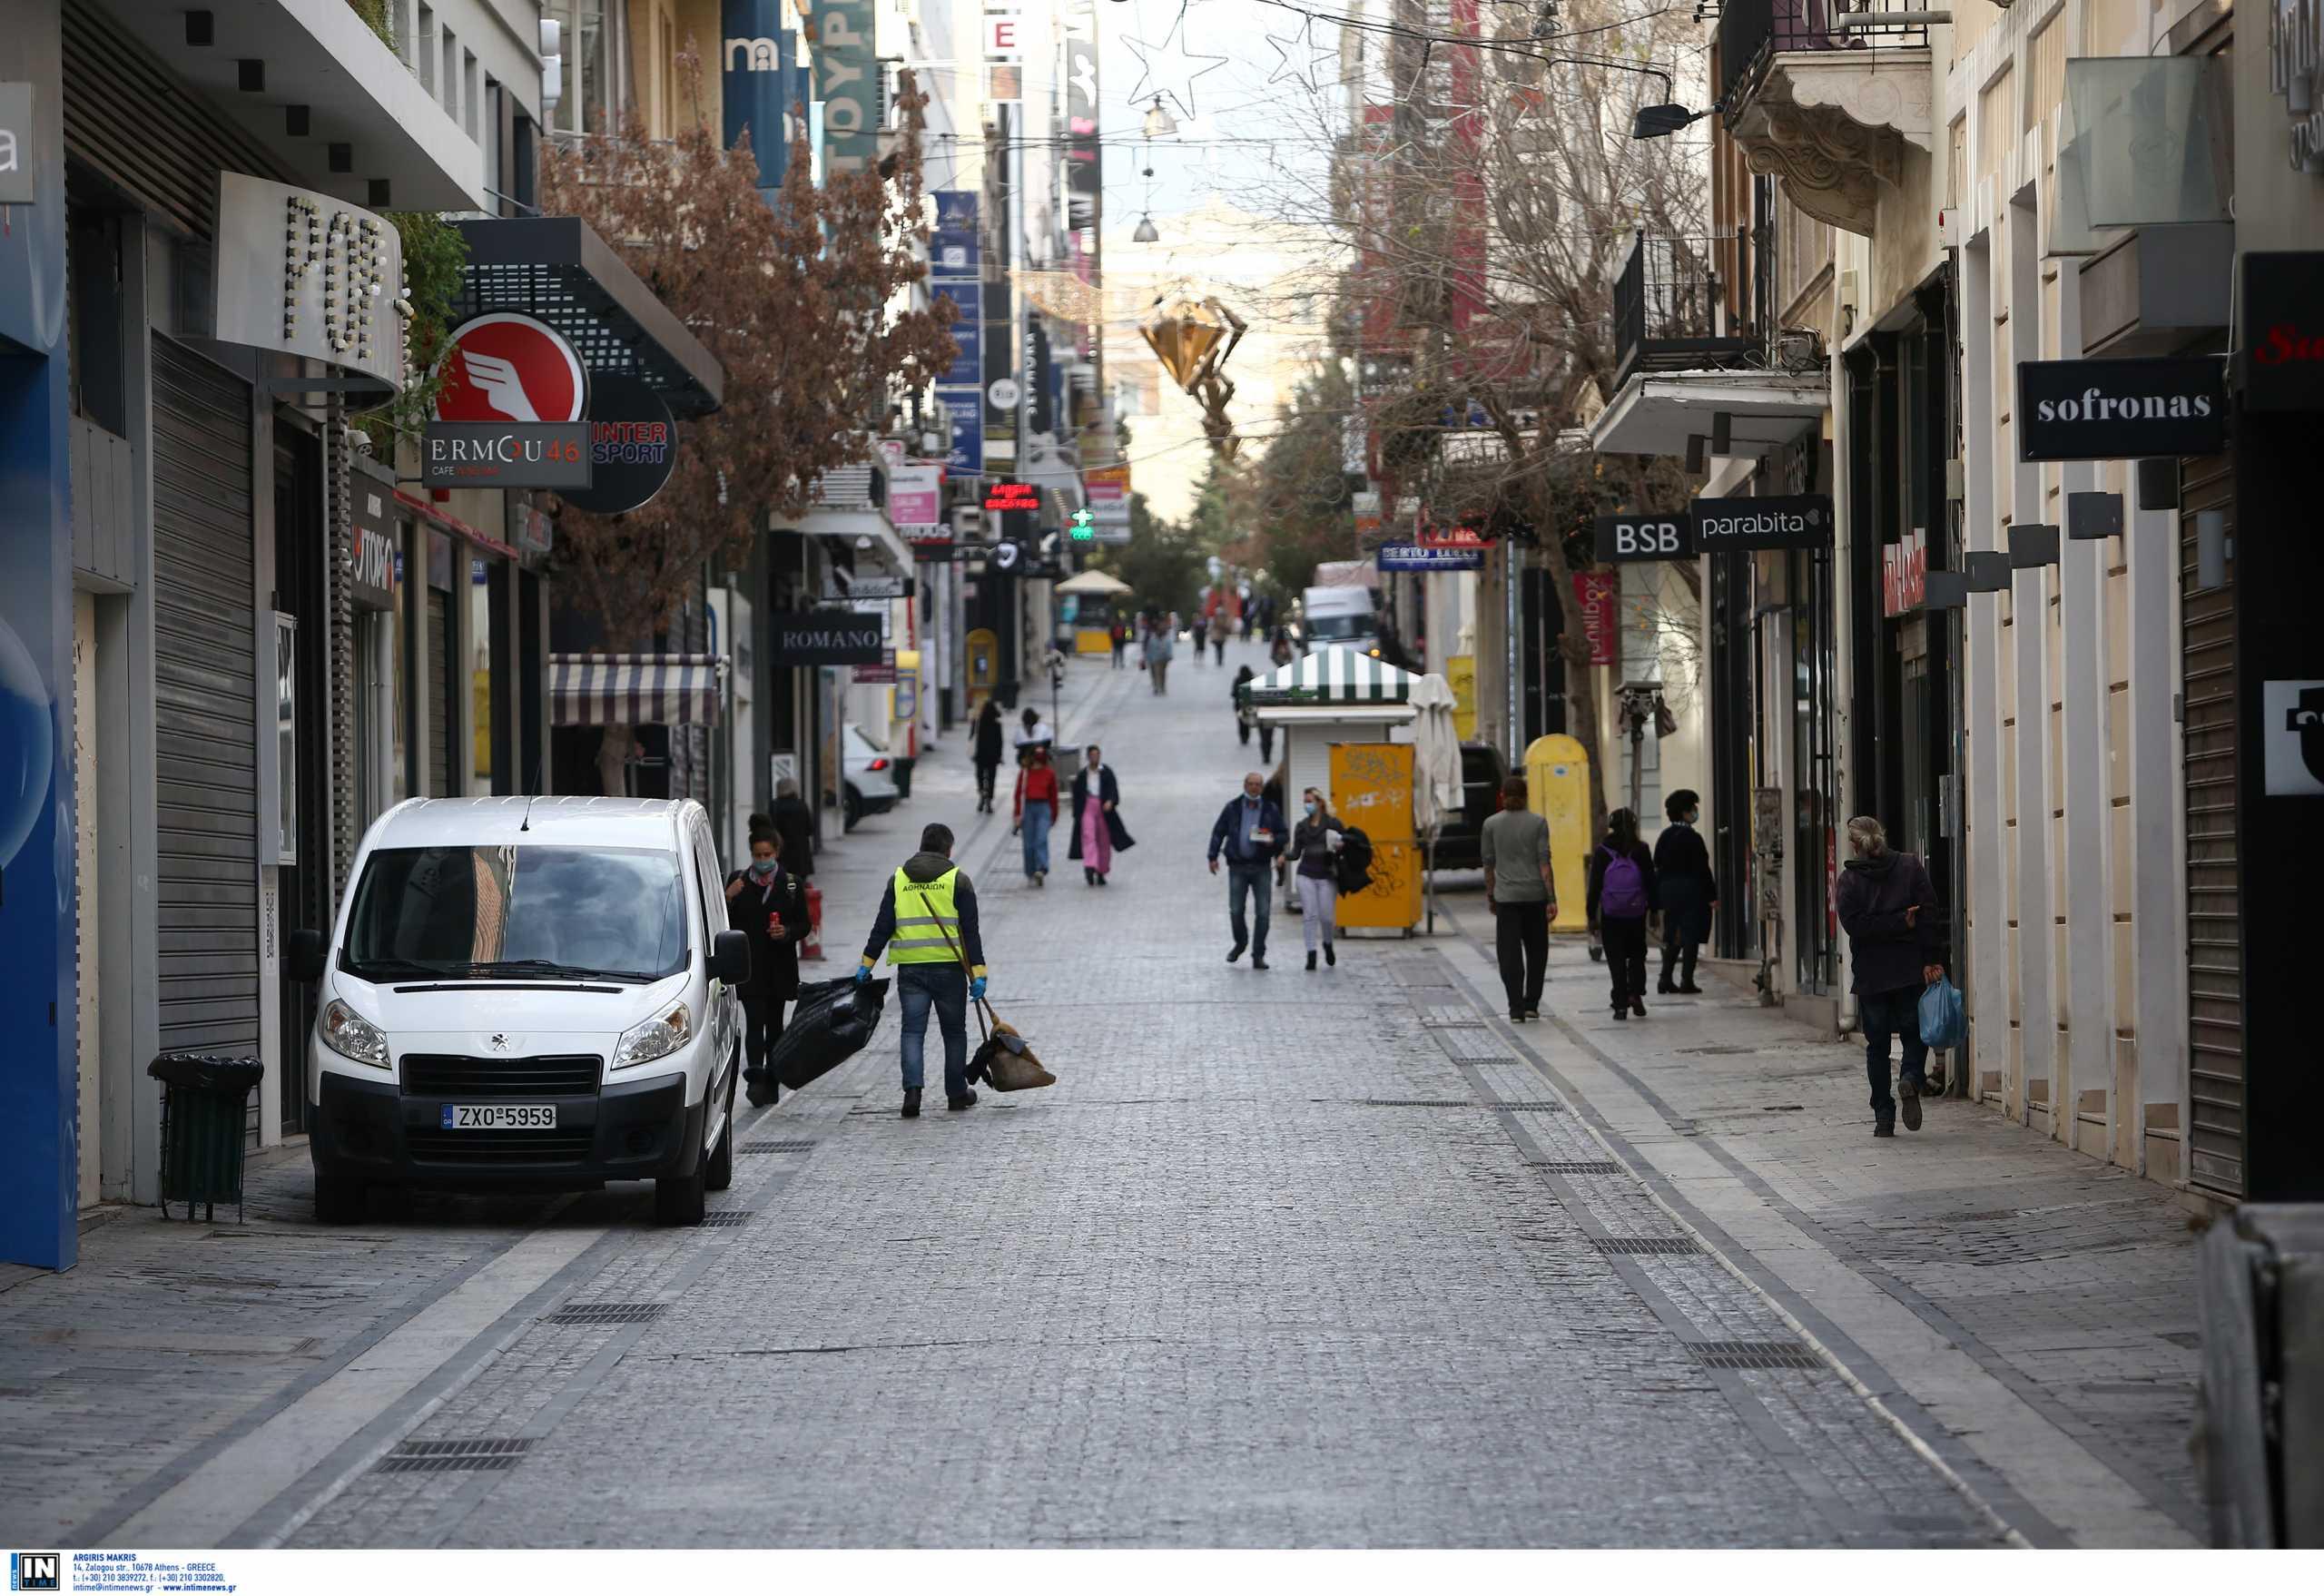 Σταϊκούρας: Κάθε εβδομάδα lockdown κοστίζει στην οικονομία 750 εκατ. ευρώ (vid)